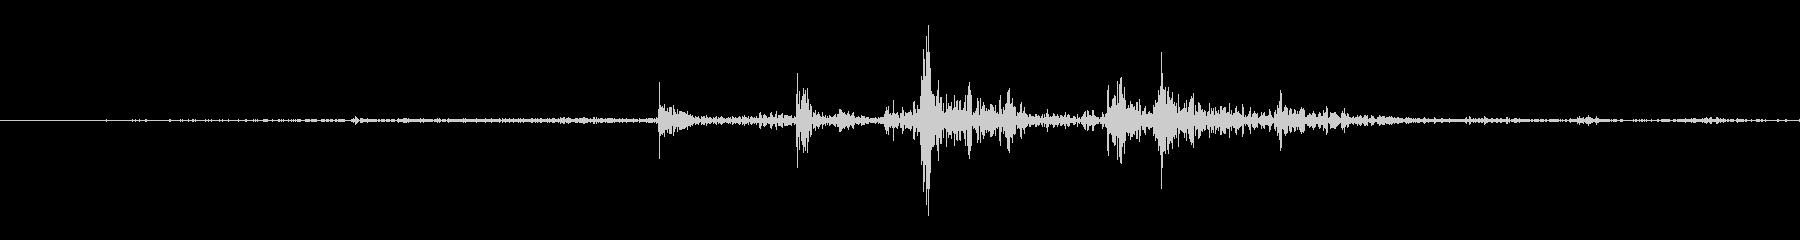 [紙]紙をめくる音2(すばやく)の未再生の波形